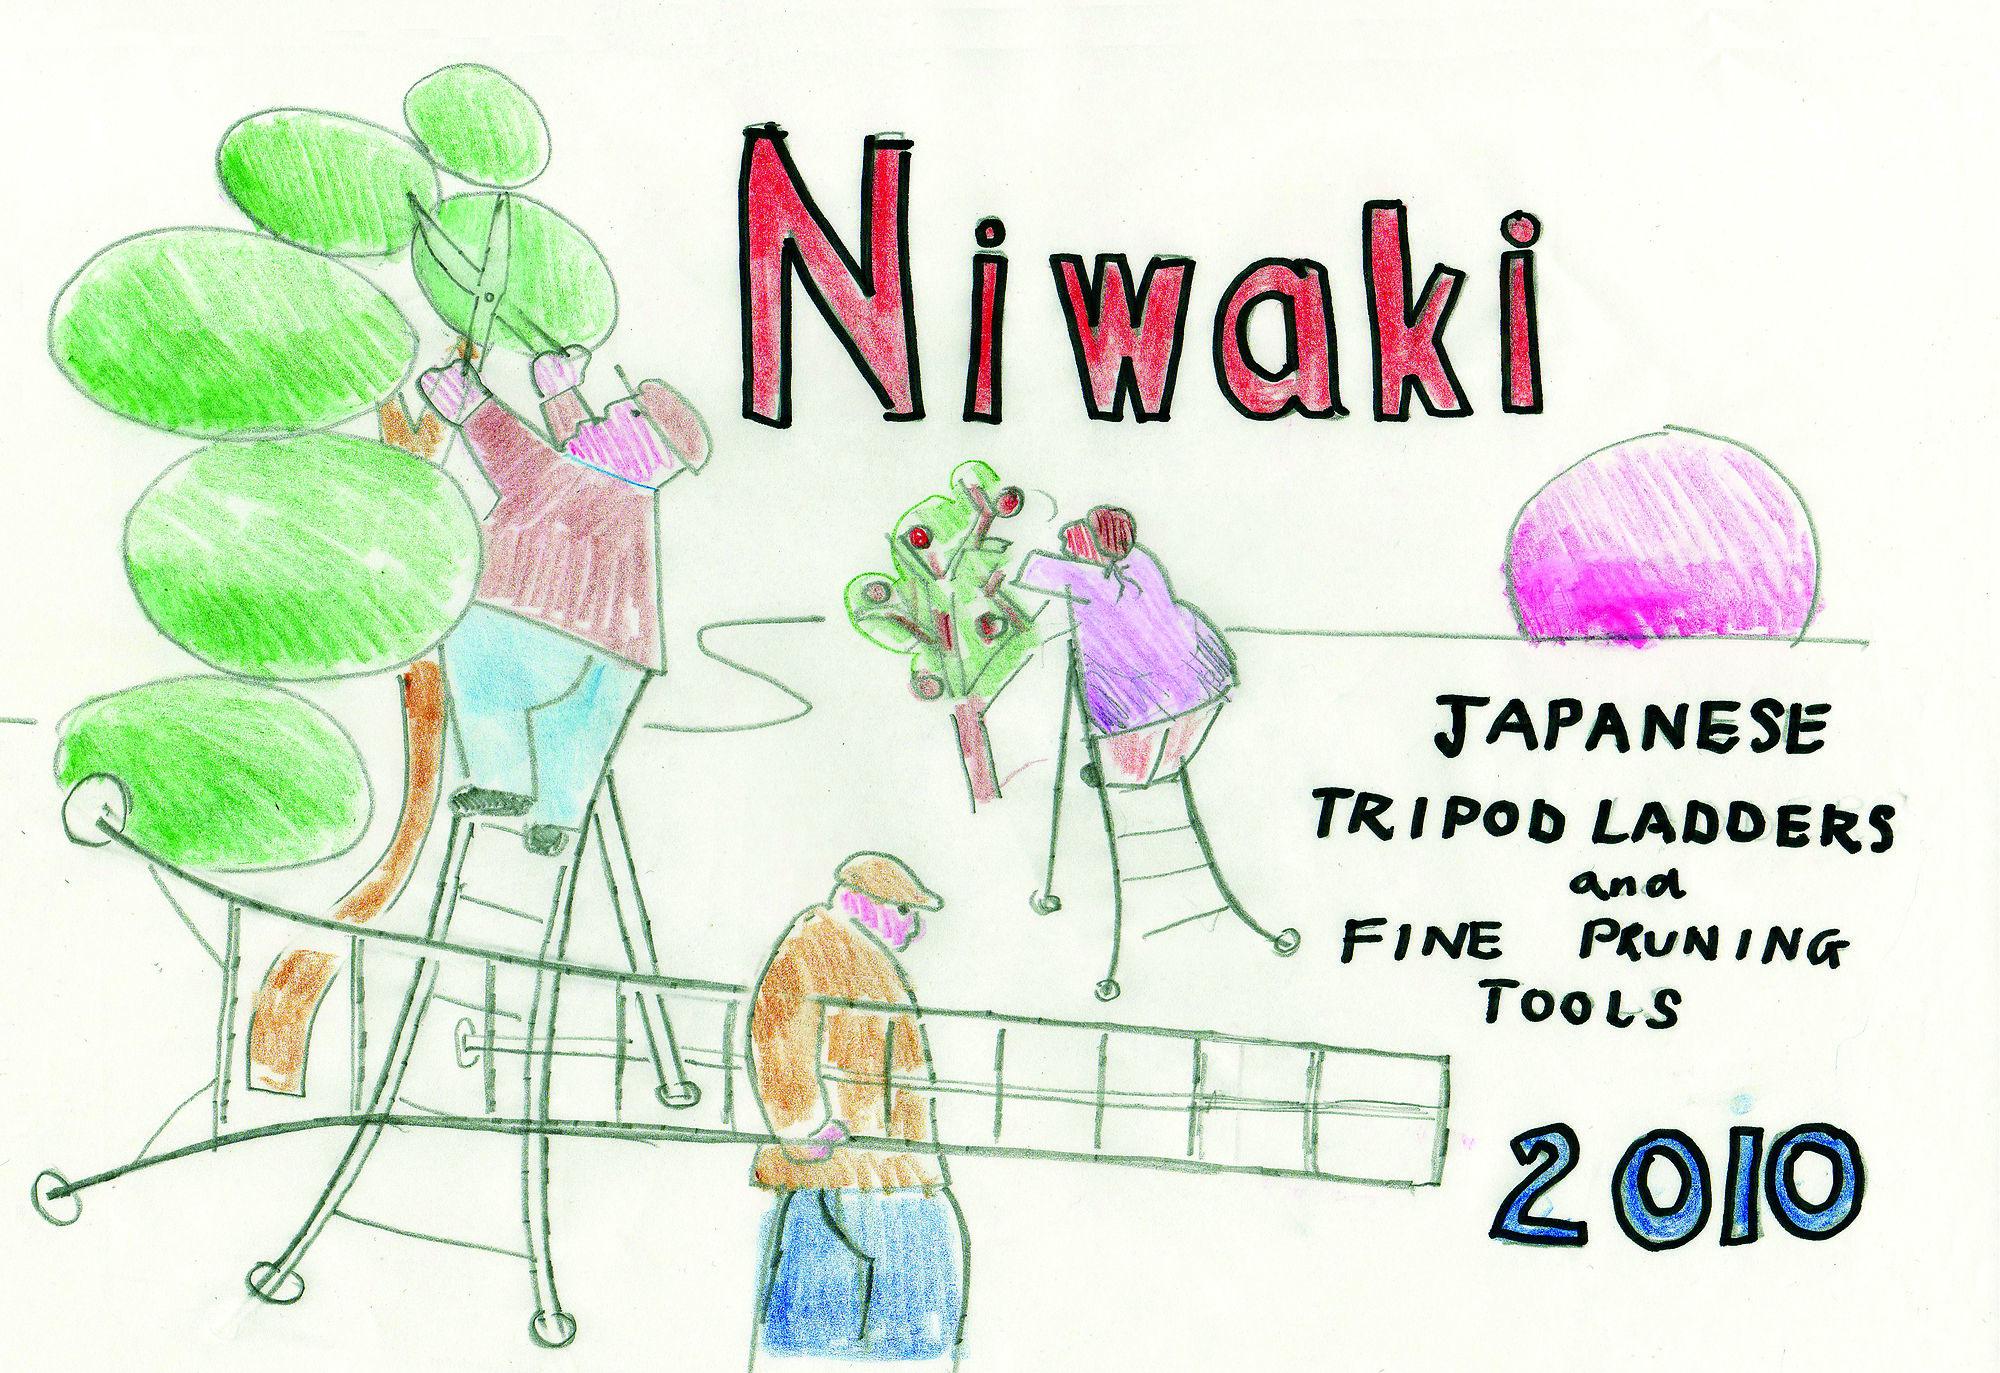 Niwaki 2010